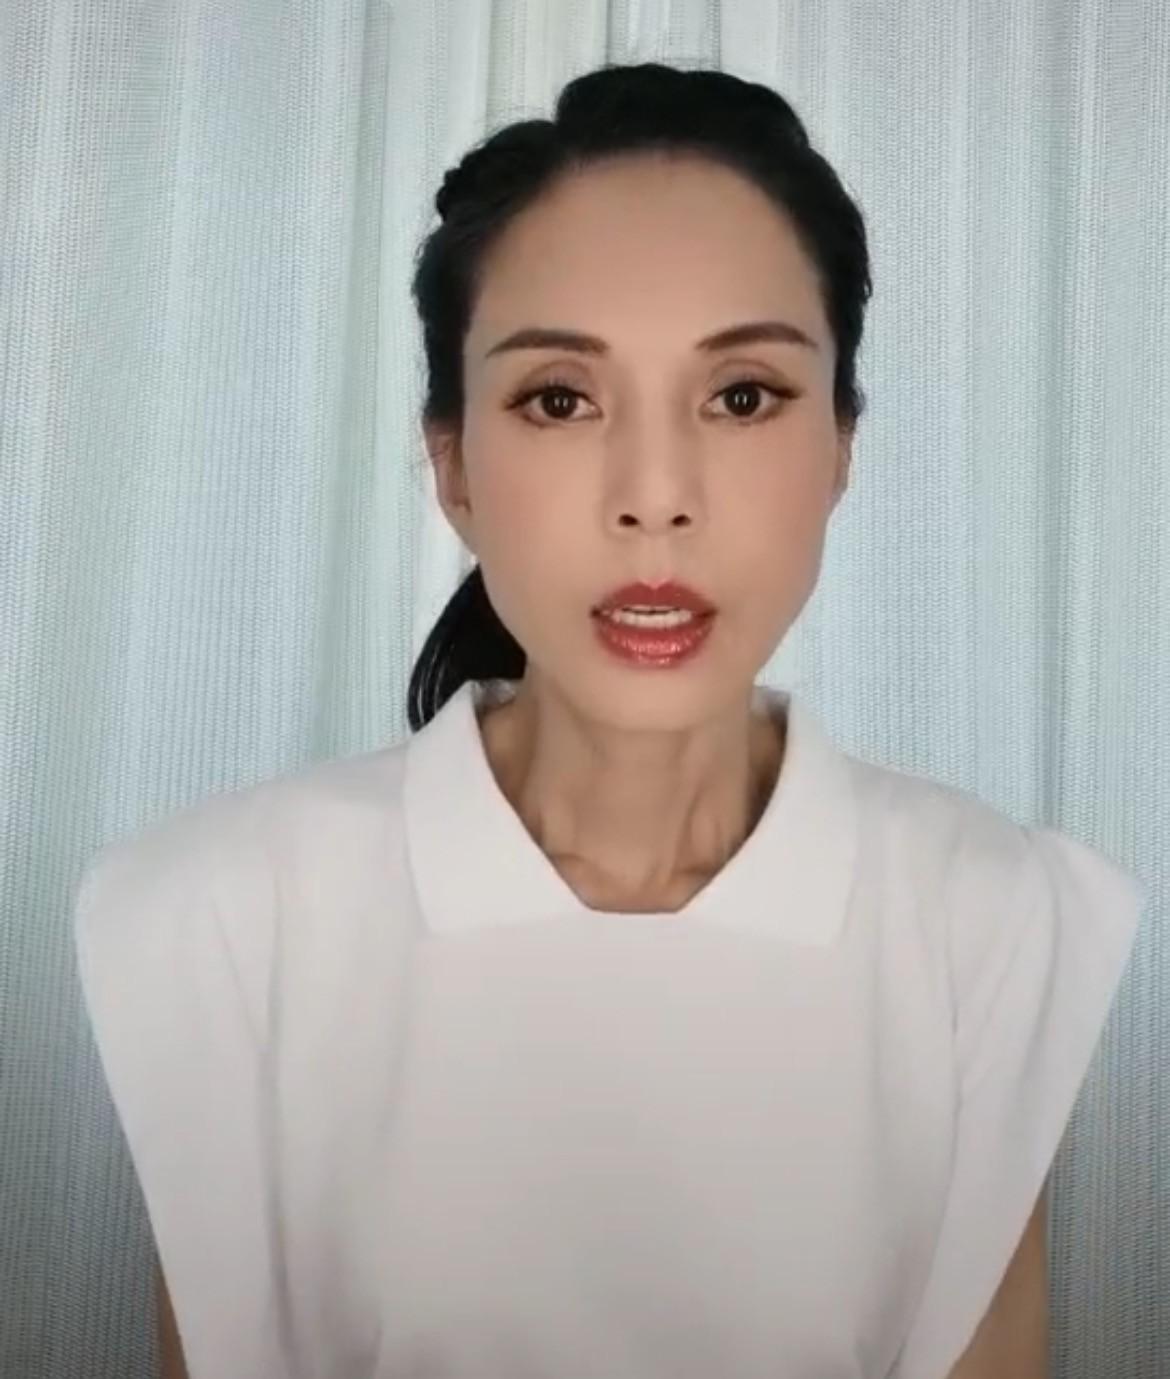 54岁李若彤近况暴光,晒为河南发声视频,数次呜咽含热泪